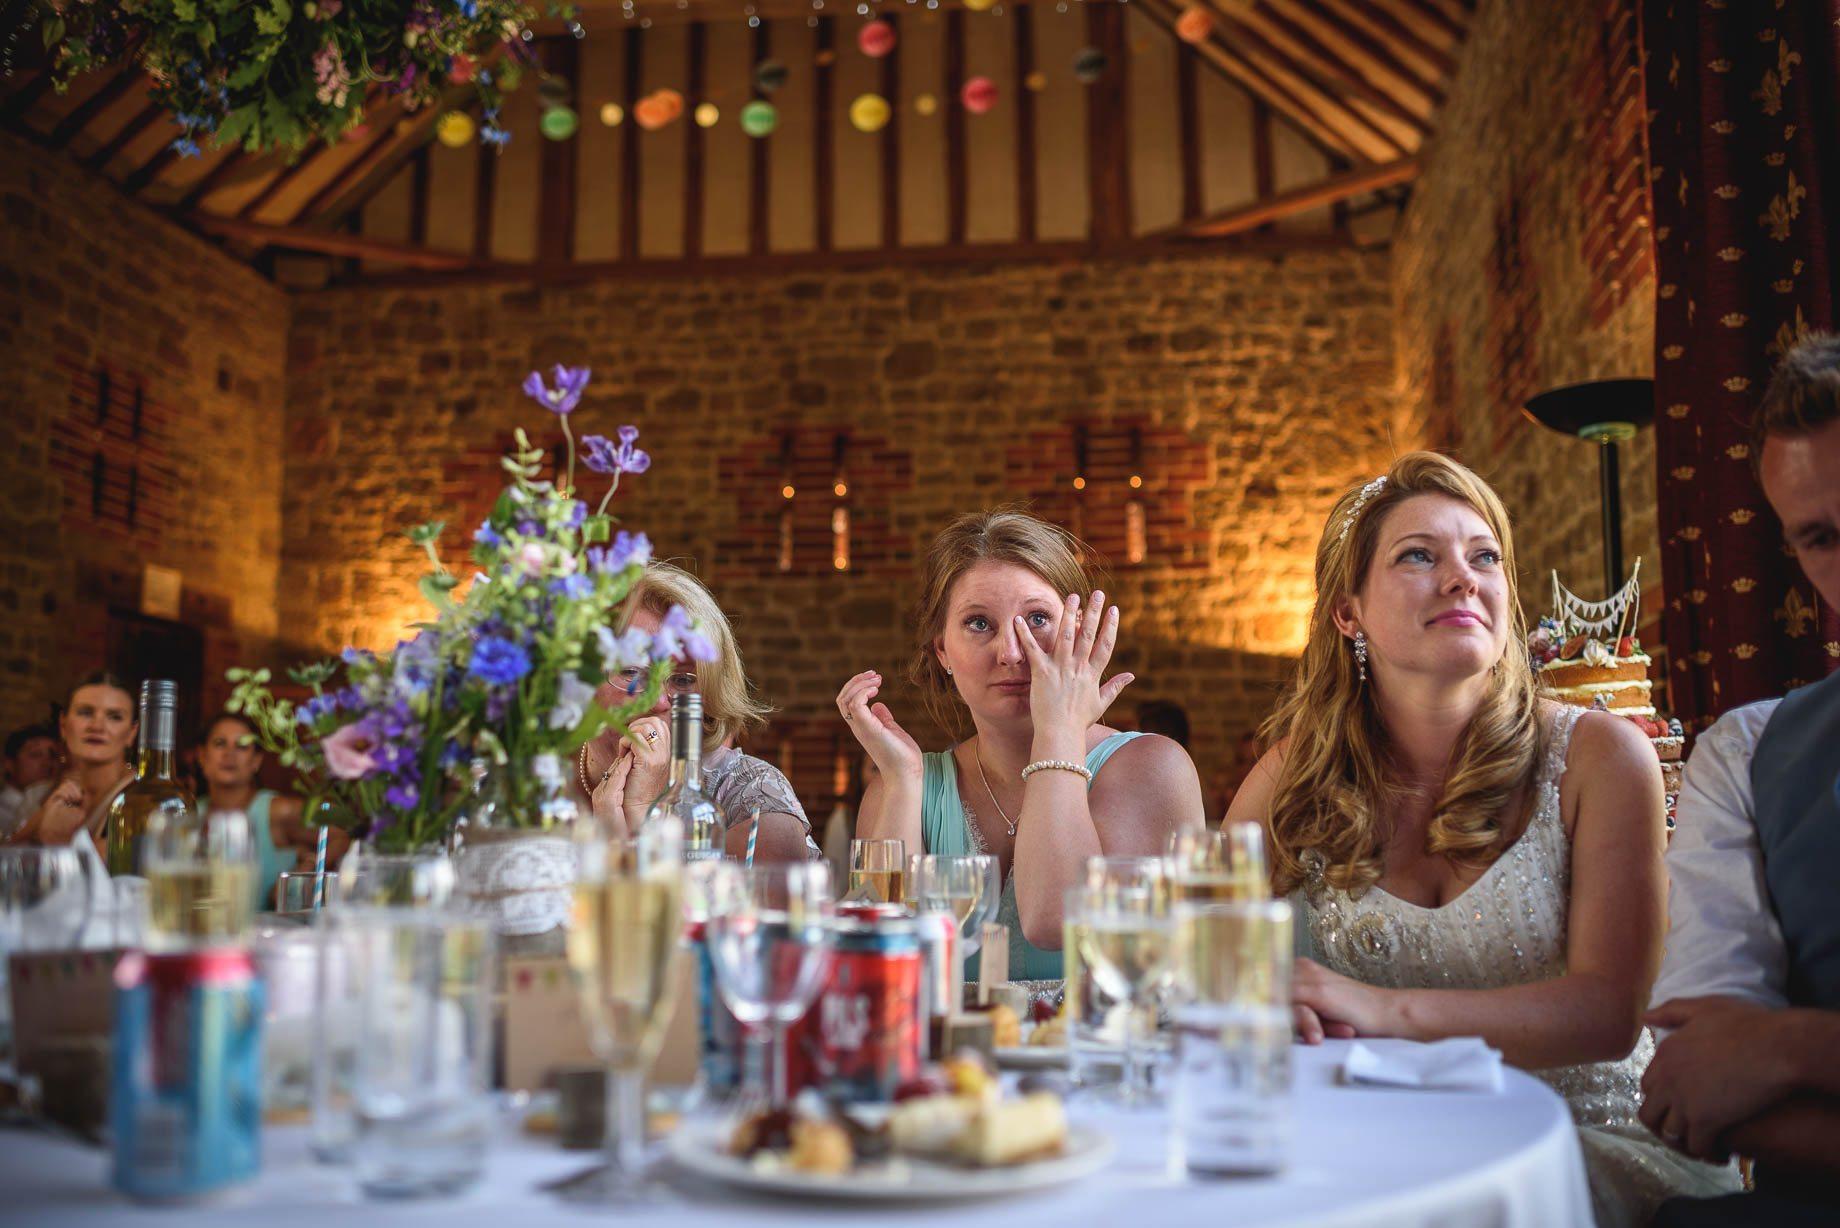 Bartholomew Barns wedding photography - Louise and Spencer (95 of 151)